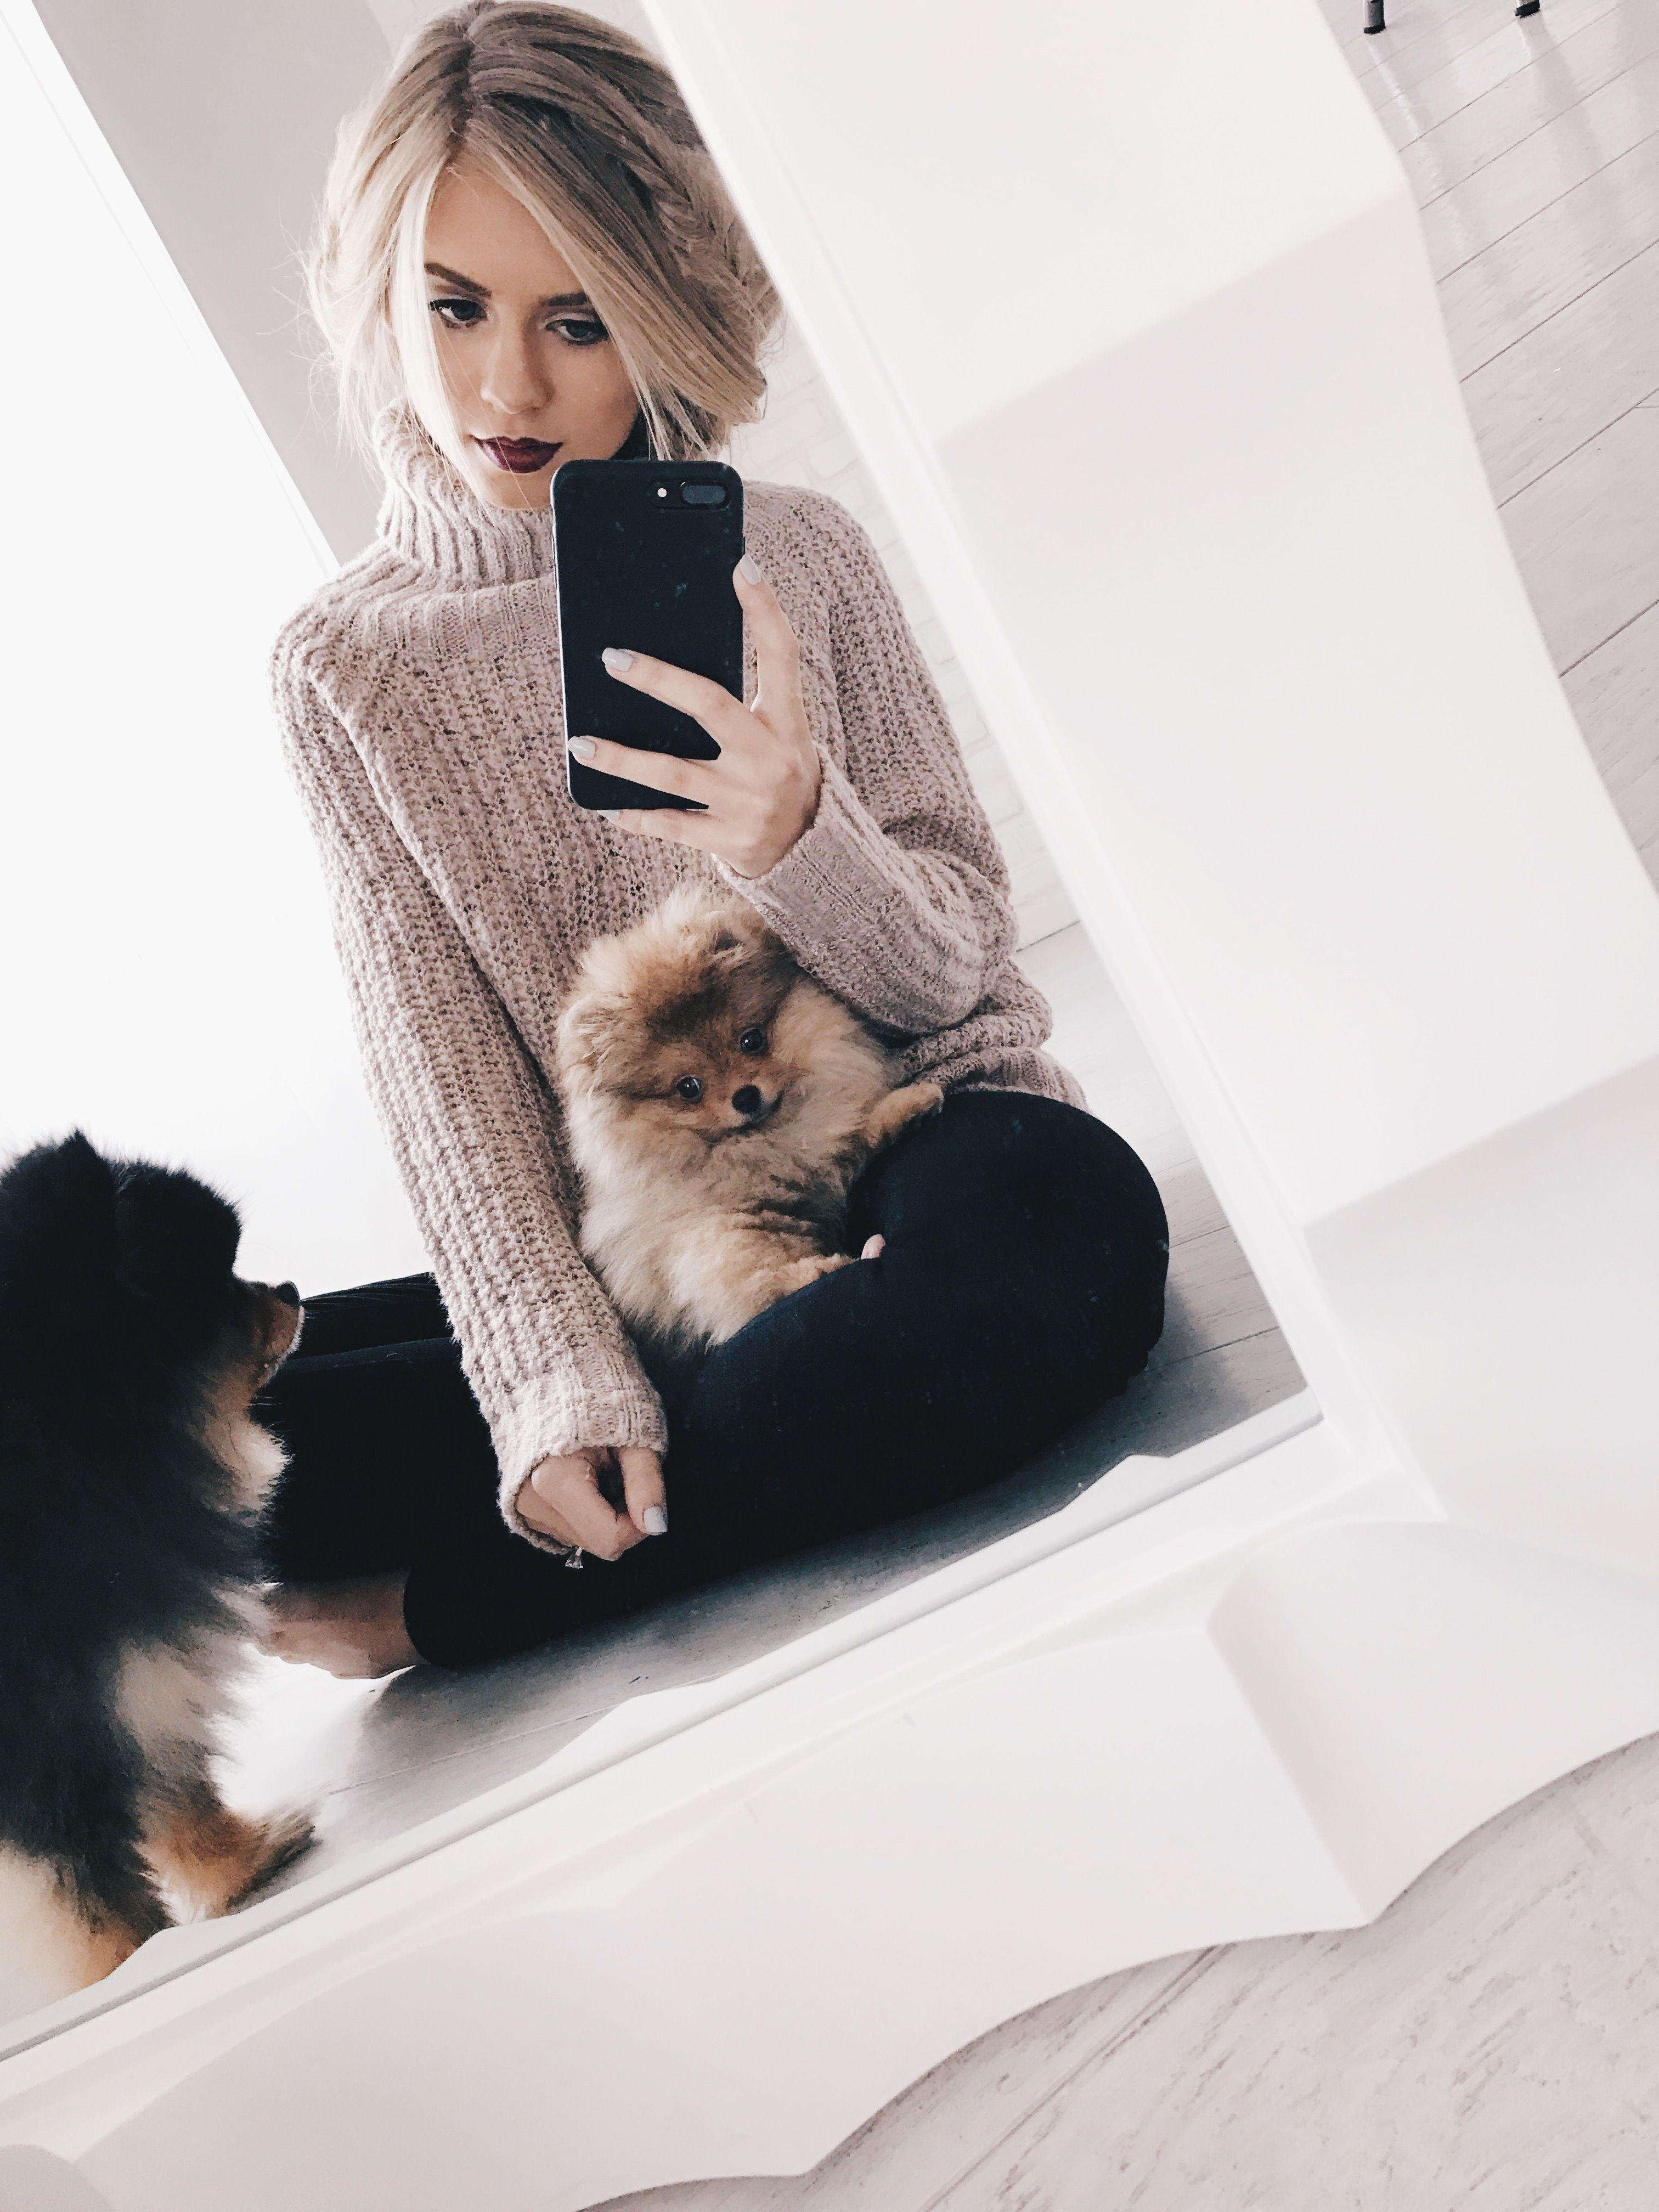 Selfie Destiny Sierra nudes (19 photo), Pussy, Fappening, Instagram, butt 2015